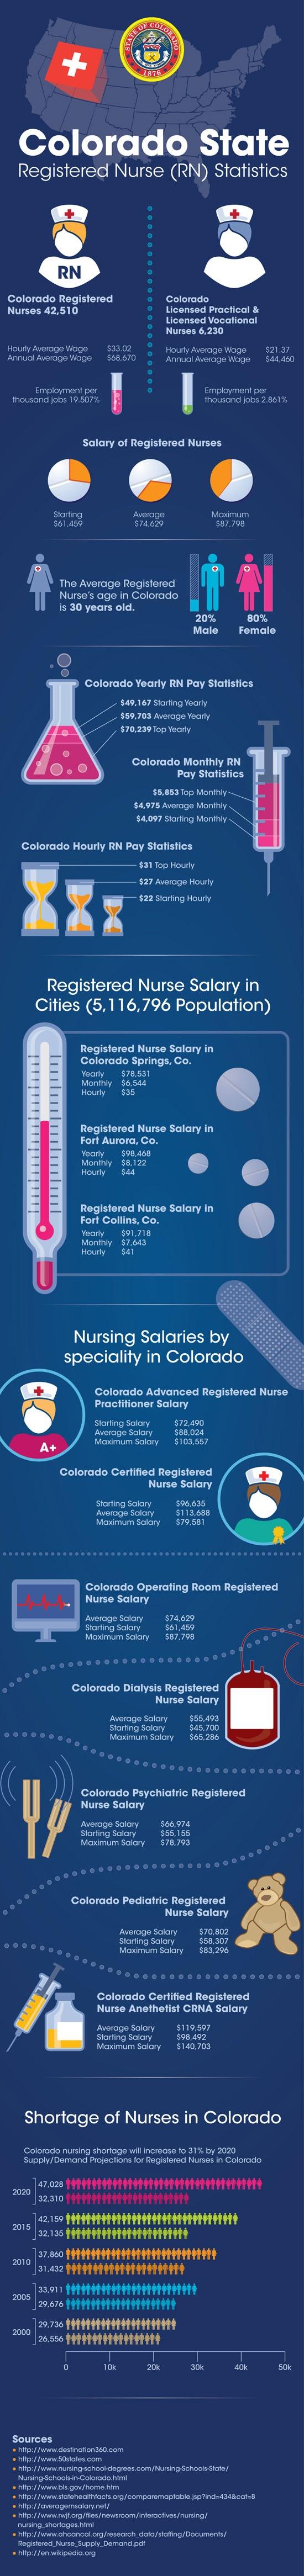 COLORADO SALARY STATISTICS IN NURSING CAREER - Le statistiche degli stipendi della carriera infermieristica in Colorado